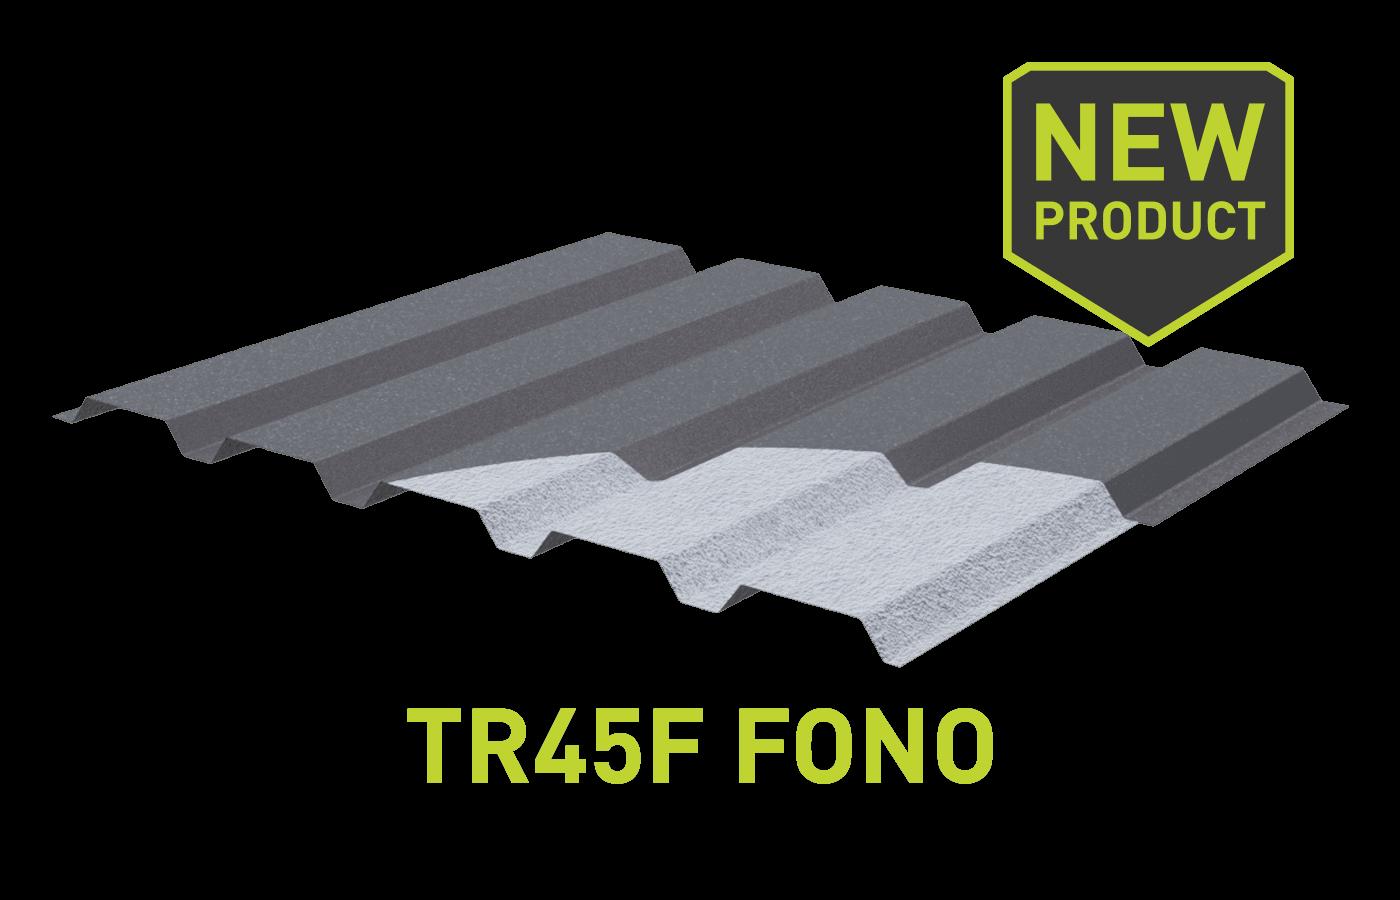 Metigla TR45F FONO